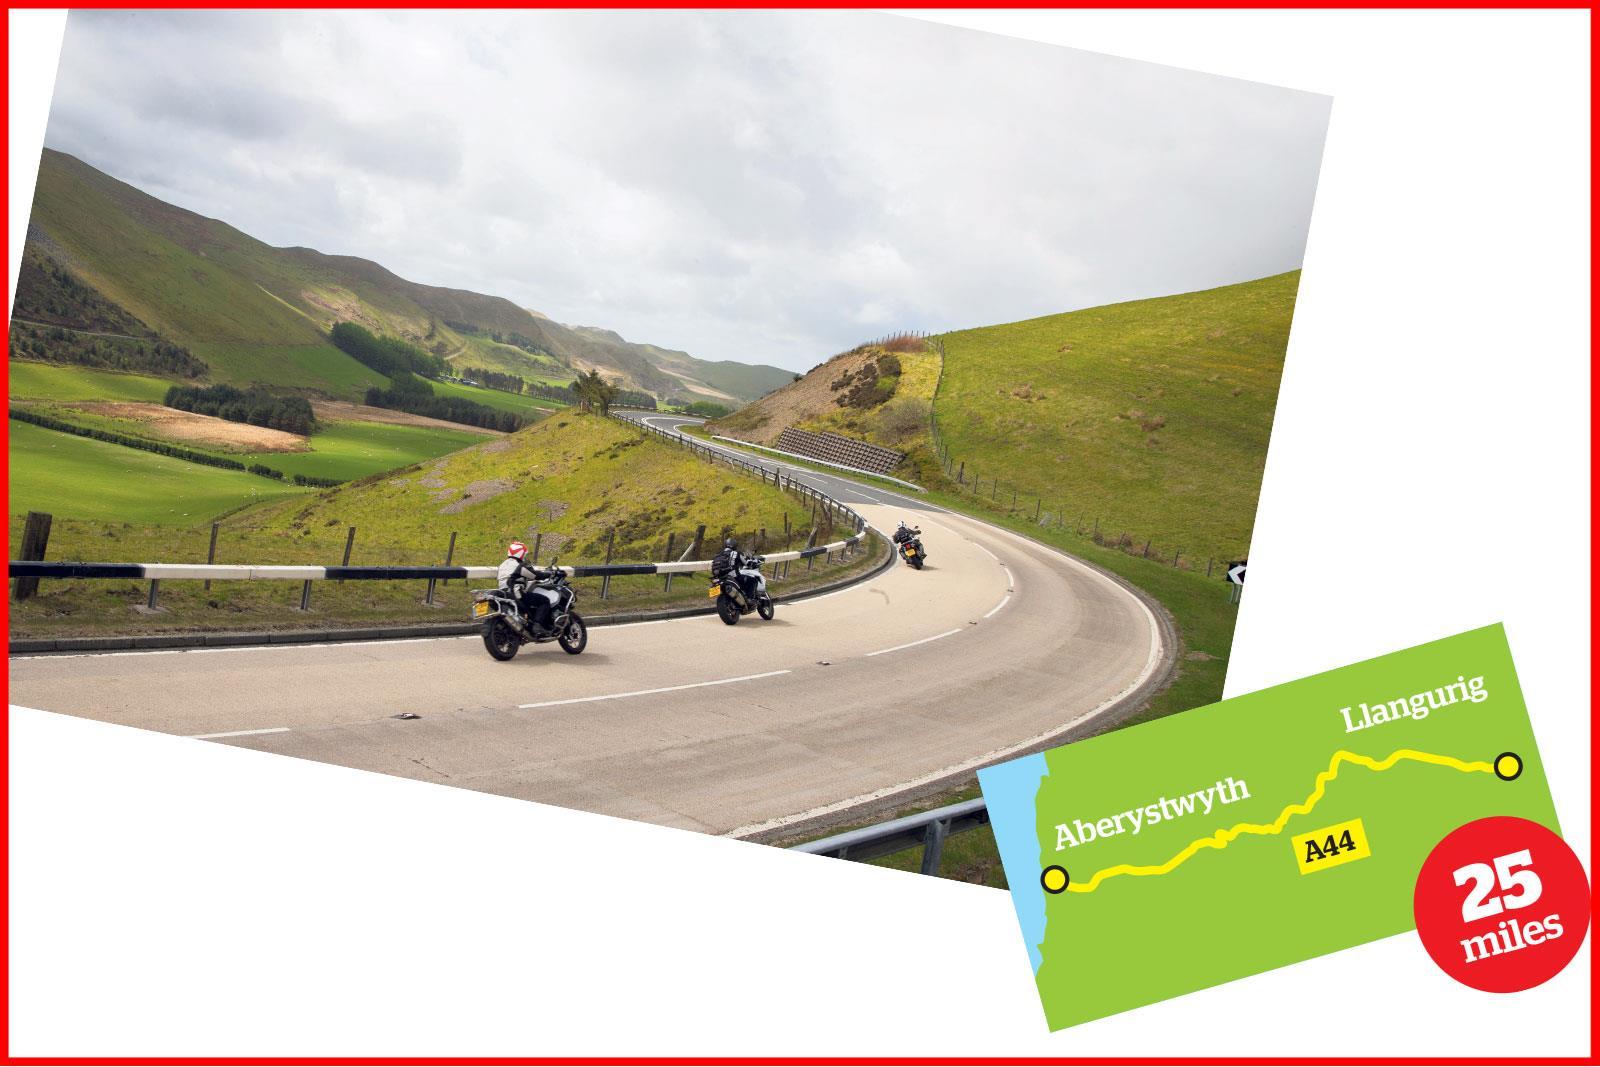 Llangurig to Aberystwyth